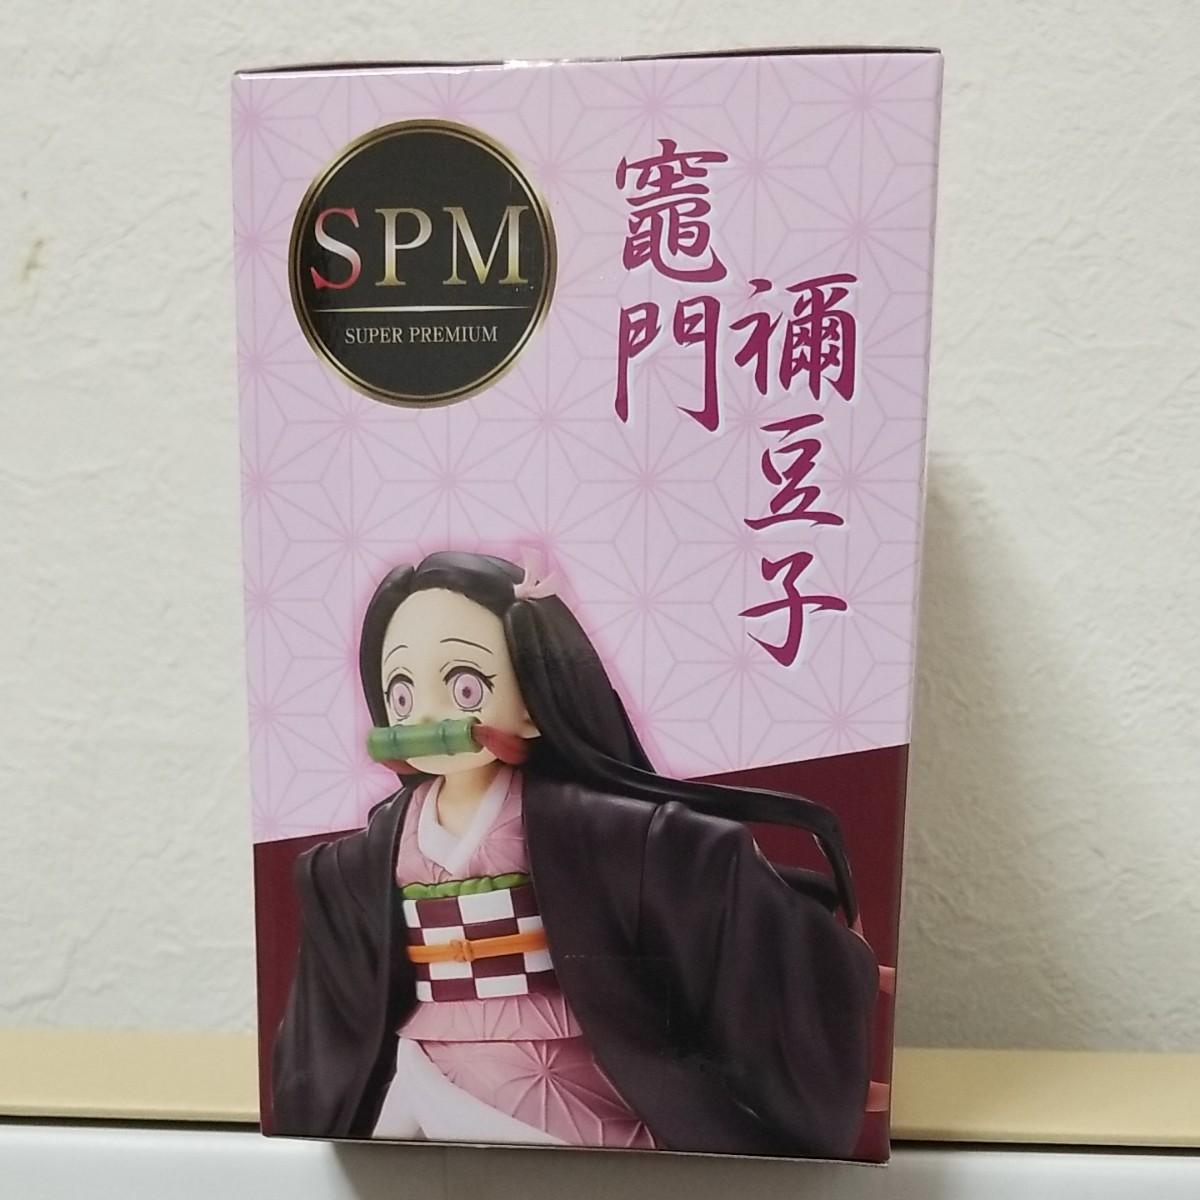 鬼滅の刃 SPM  フィギュア 小さくなった竈門禰豆子